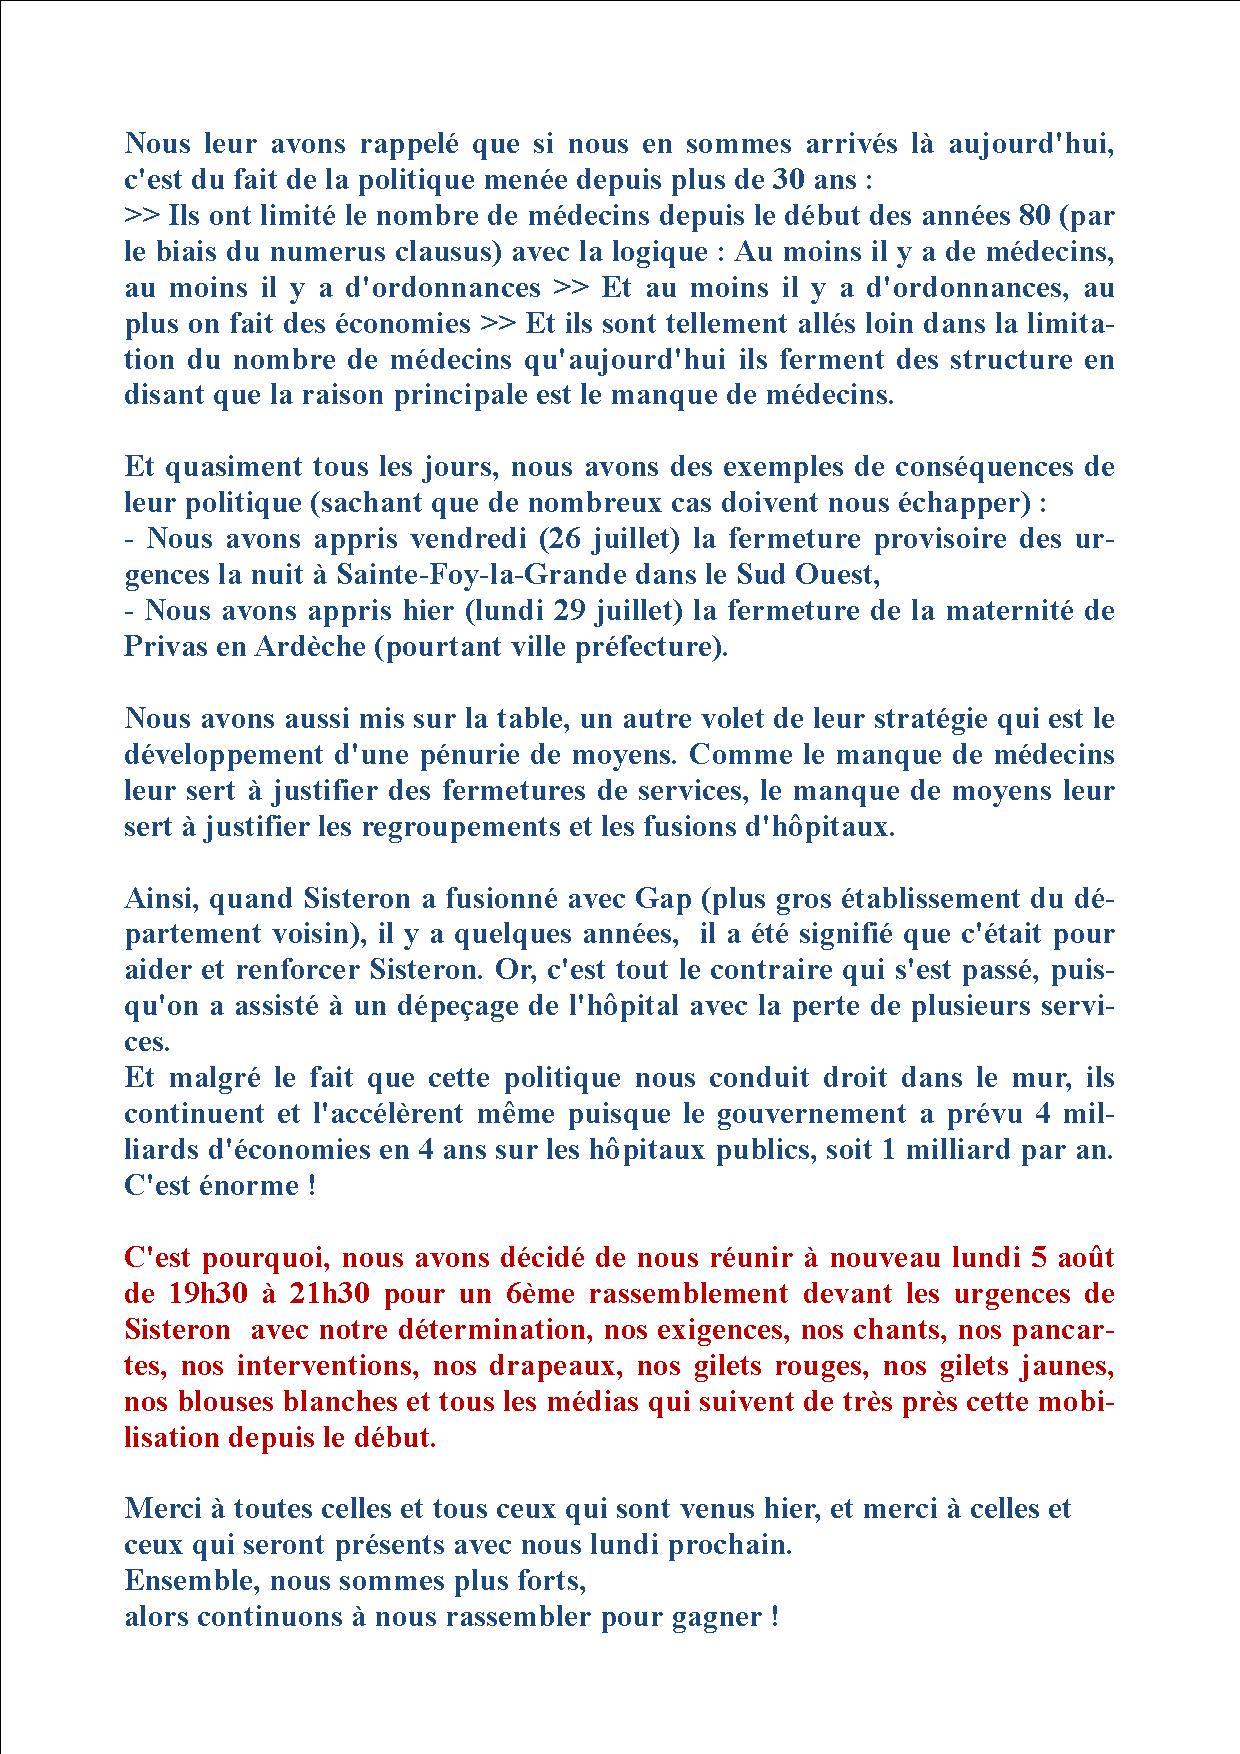 Urgences de Sisteron - Rassemblement du 29 juillet suites (2)